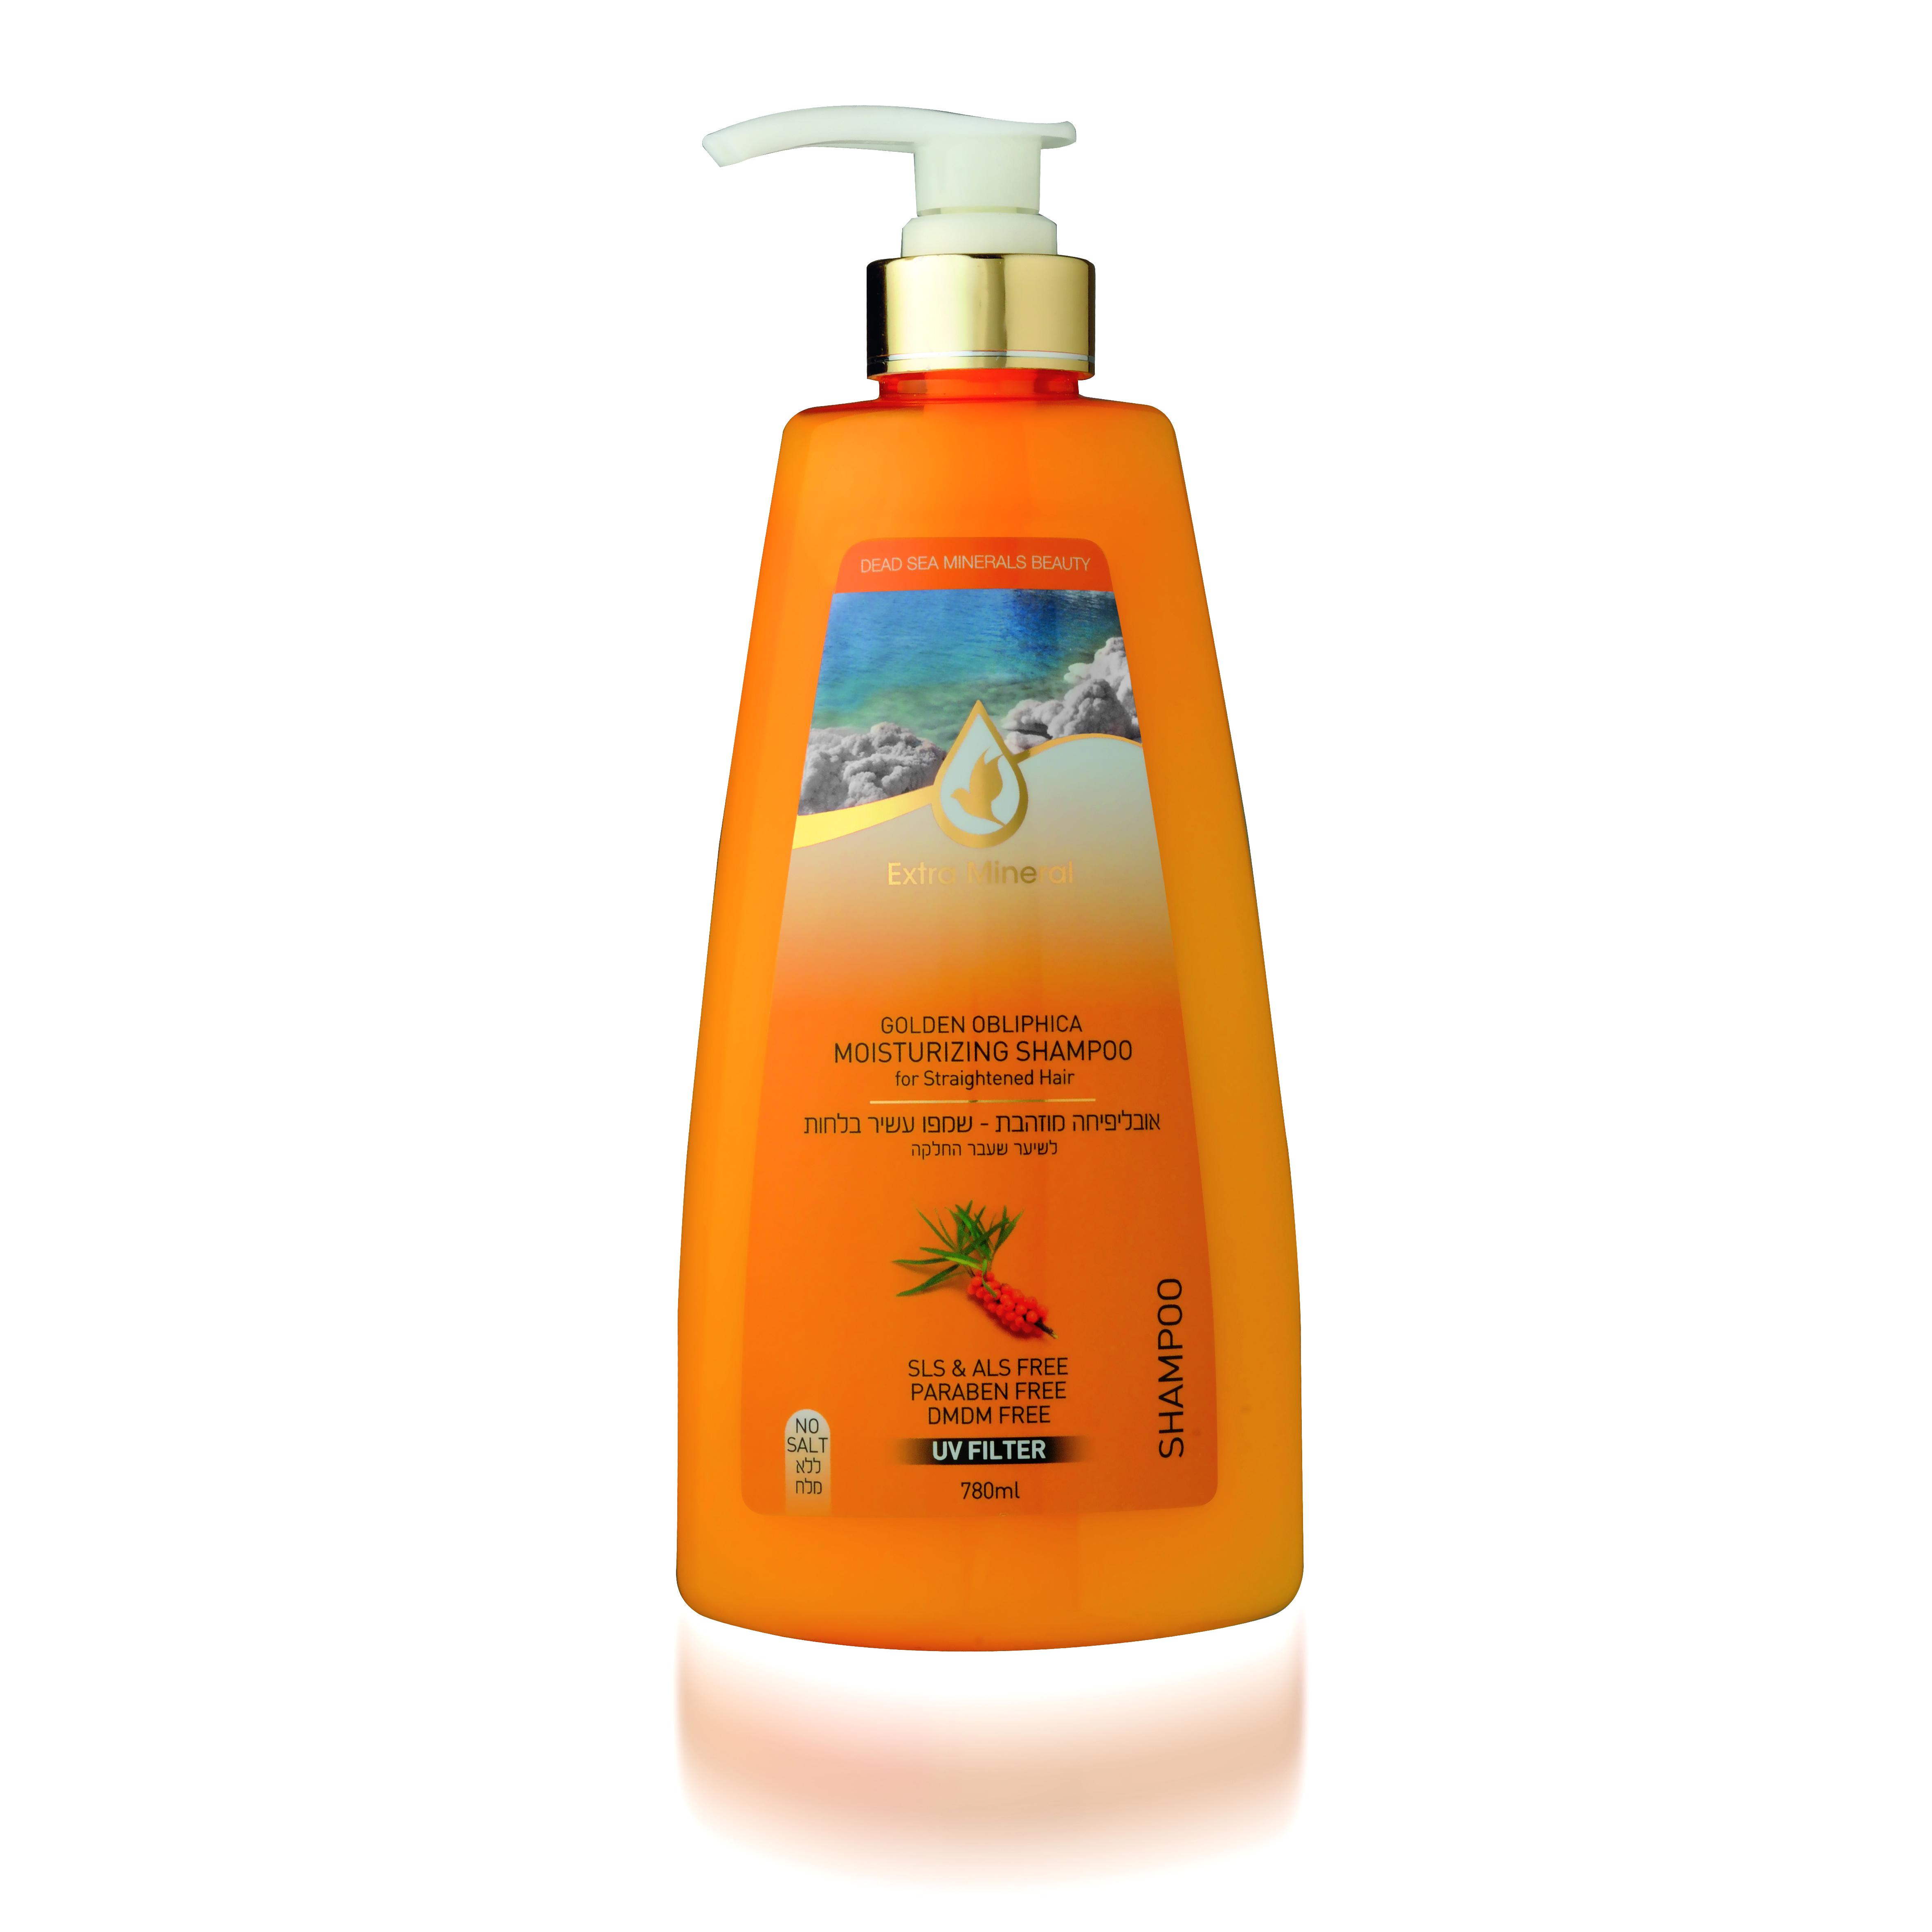 Extra Mineral Увлажняющий шампунь с облепихой для всех типов волос 780 млFS-00897Шампунь Extra Mineral с золотой облепихой, увлажняющий, укрепляющий. Содержит масло облипихи, оливковое масло, витамин минералы Мертвого моря. В составе содержит UV-фильтр, который защищает волосы от ультра-фиолетовых лучей, очищает волосы от соли, хлора и песка, восстанавливает баланс кожи головы. Волшебное сочетание активных натуральных компонентов благотворно влияет на волосы и кожу головы, волосы увлажняются и питаются, становятся шелковистыми. Нежная легкая пена дает ощущение свежести. Вы сразу почувствуете, как волосы начинают дышать, а изысканный аромат облепихи не оставит вас равнодушным! Благодаря активному действию минералов Мертвого моря волосы насыщаются необходимыми минералами, волосы оздоравливается, улучшается их внешний вид; улучшается клеточный метаболизм кожи головы и лица, стимулируется синтез белка, повышается регенерация клеток. Минералы обладают сильными антиаллергенными свойствами и являются мощными антиоксидантами; повышается микроциркуляция крови, улучшается состояние кожи и подкожной клетчатки, волосы увлажняются и питаются, а кожа лица и головы омолаживается; оптимизируется оптимальный уровень Ph волос и кожи. Минералы Мертвого моря оказывают защитное действие от УФ-лучей. Шампунь прекрасно увлажняет волосы, восстанавливая их структуру, делает волосы более послушными и возвращает им естественный блеск. Шампунь оказывает противовоспалительное действие, способствует ускорению заживления, оказывает антиоксидантное и успокаивающее действие, питает и смягчает кожу, помогает бороться с шелушением, устраняет следы высыпаний. При втирании в кожу головы помогает улучшить состояние сухих и секущихся волос. Волосы интенсивно питаются, становятся гладкими, шелковистыми, излучают здоровый блеск. Рекомендовано для всех типов волос.